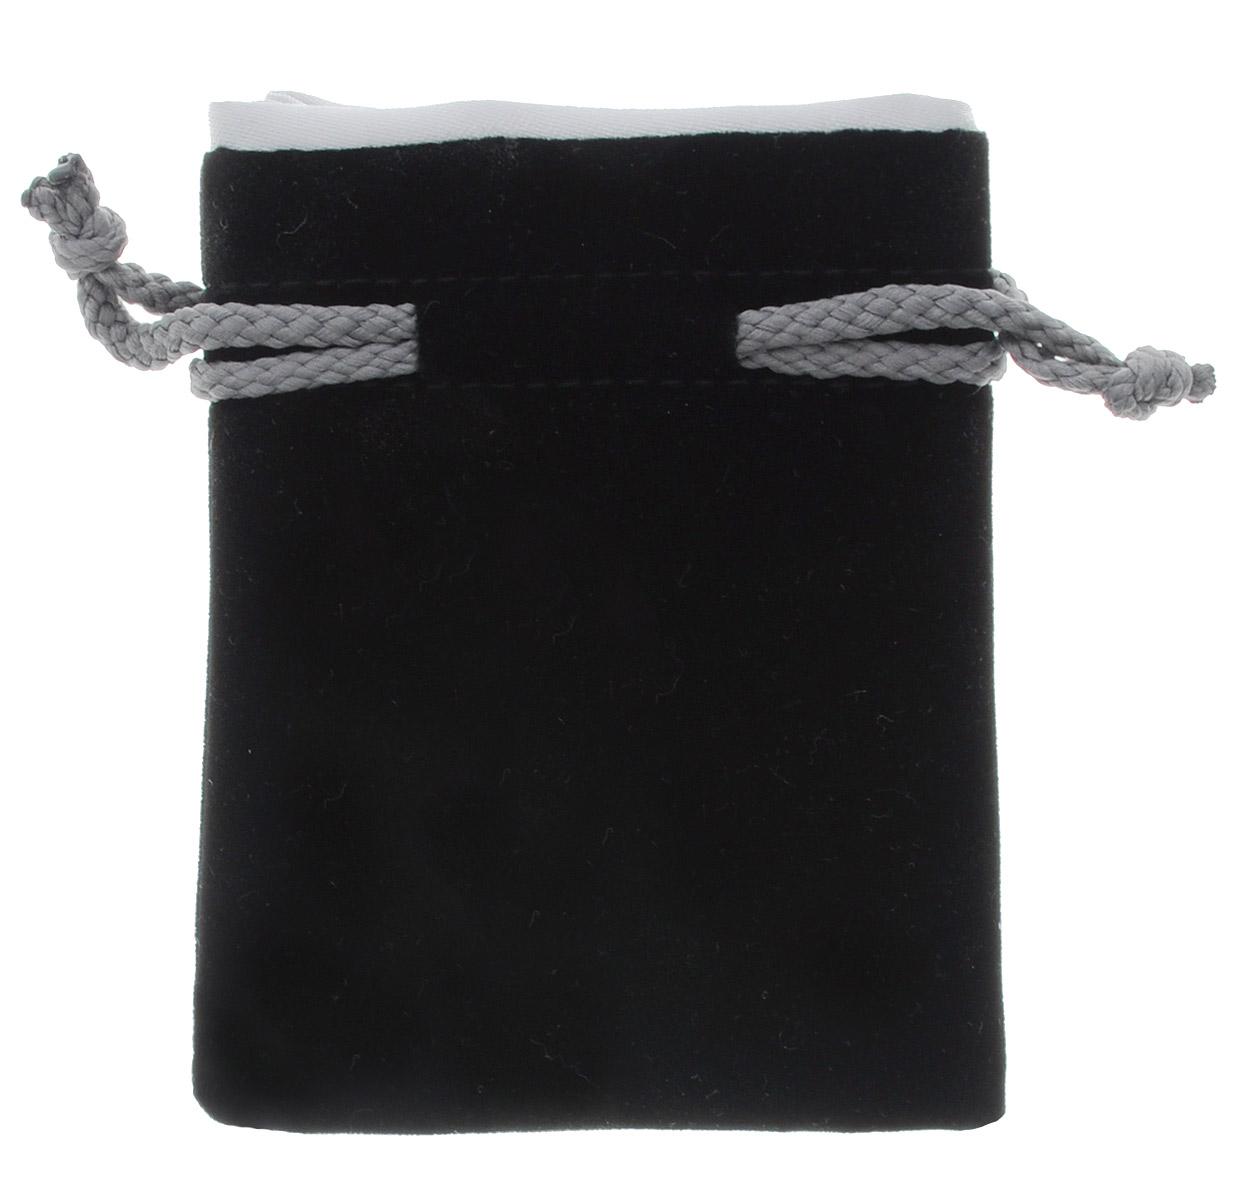 Pandoras Box Мешочек Мини для хранения кубиков и игральных карт цвет черный серый04PB005Мешочек для кубиков и игральных карт Pandoras Box Мини прекрасно подходит для хранения карт, кубиков, игральных костей, фишек и других игровых аксессуаров, или разнообразных бытовых мелочей. Мешочек, изготовленный из натурального бархата и атласа, затягивается сверху на шнурок-кулиску. Размер: S.